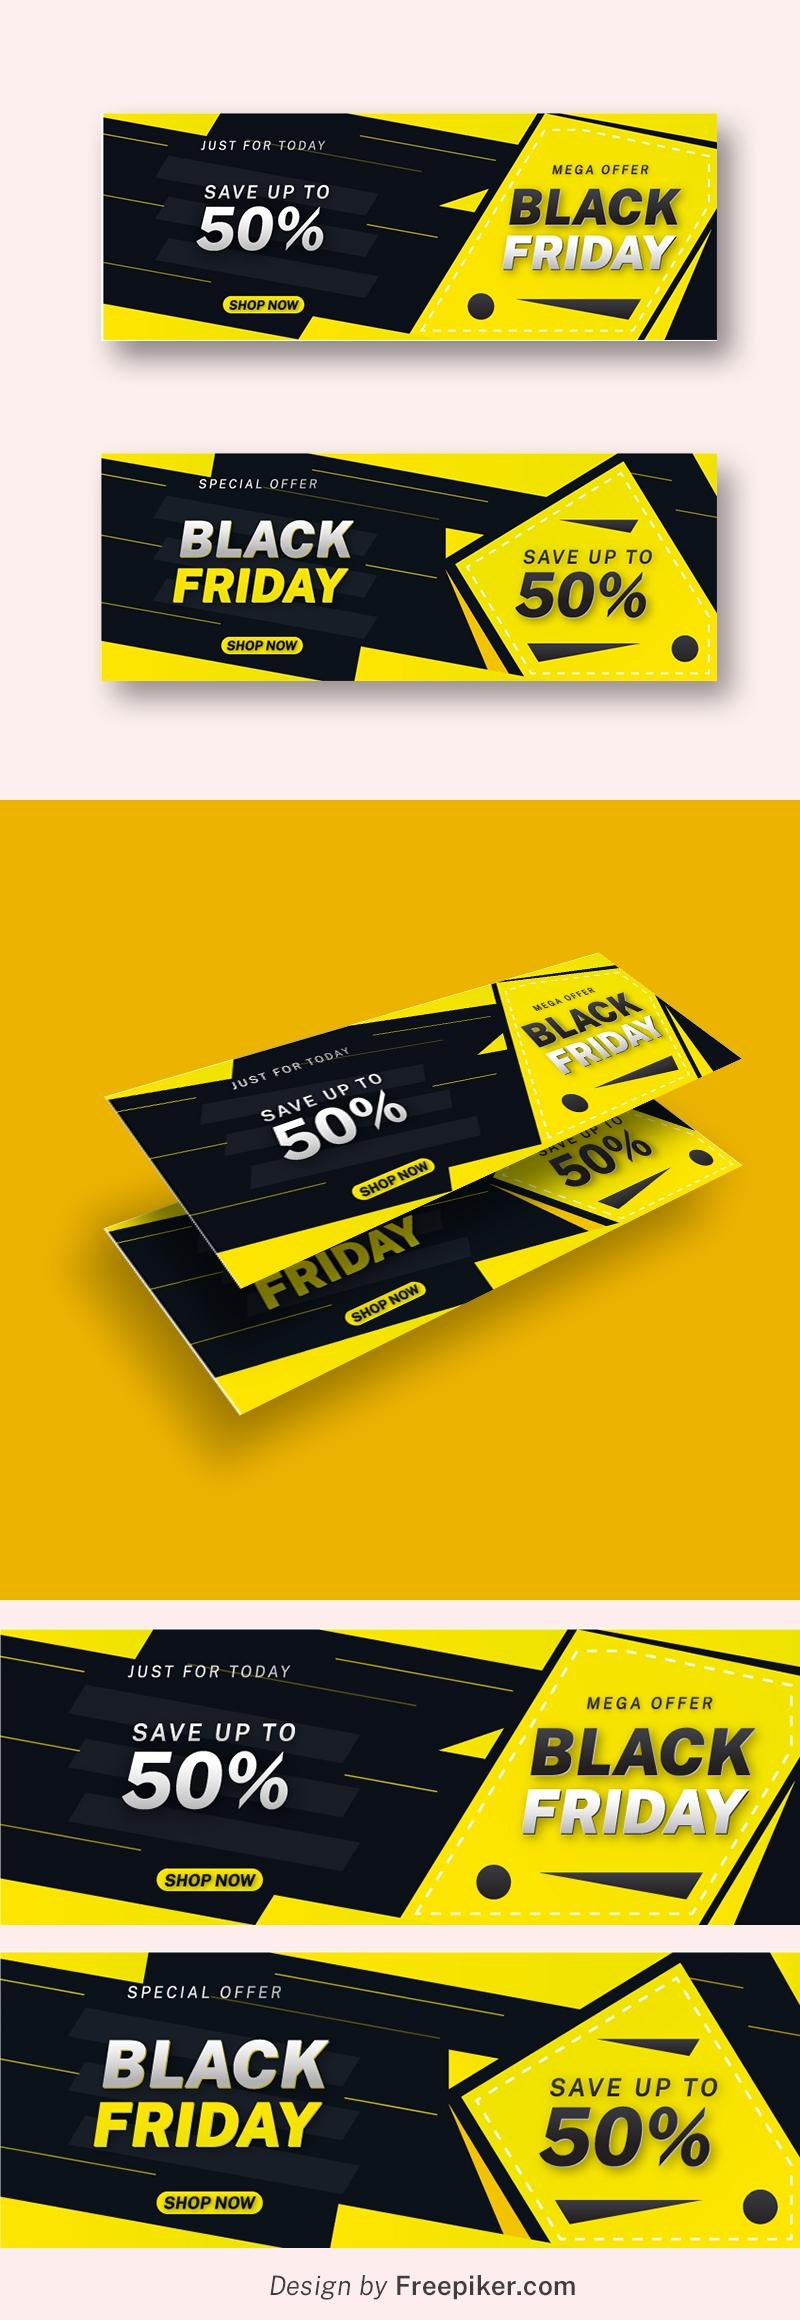 Black Friday Mega Offer Facebook Cover Design